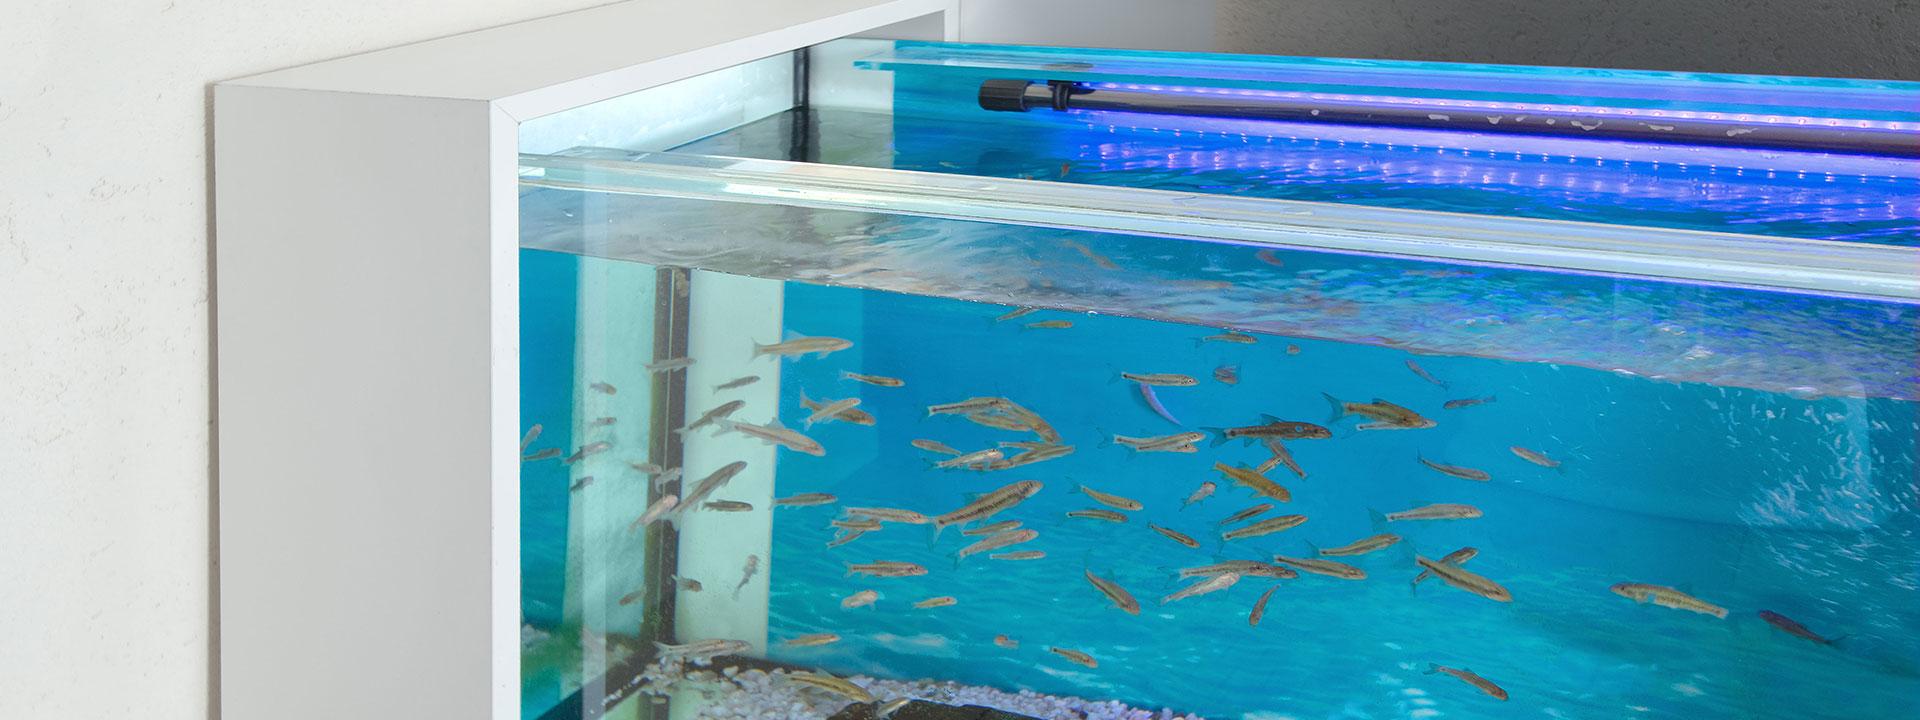 Knabber-Spa Design-Aquarien für Garra Rufa B2B